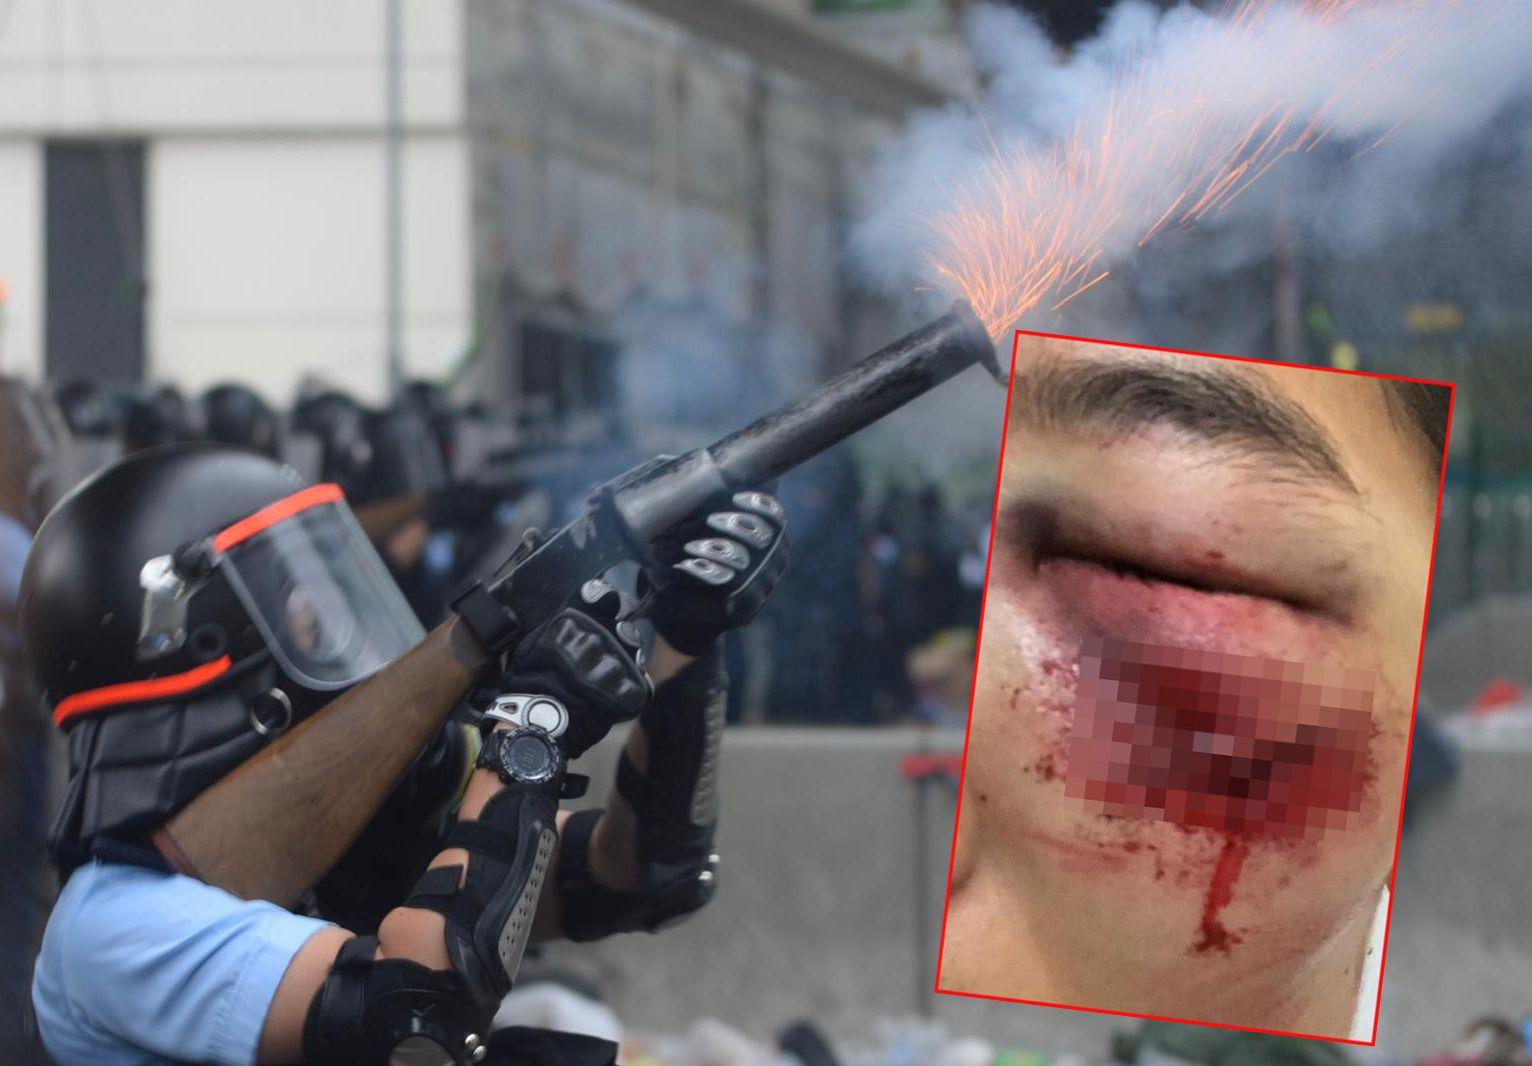 有網民事後在Facebook上傳照片,指朋友被橡膠子彈擦傷面部。